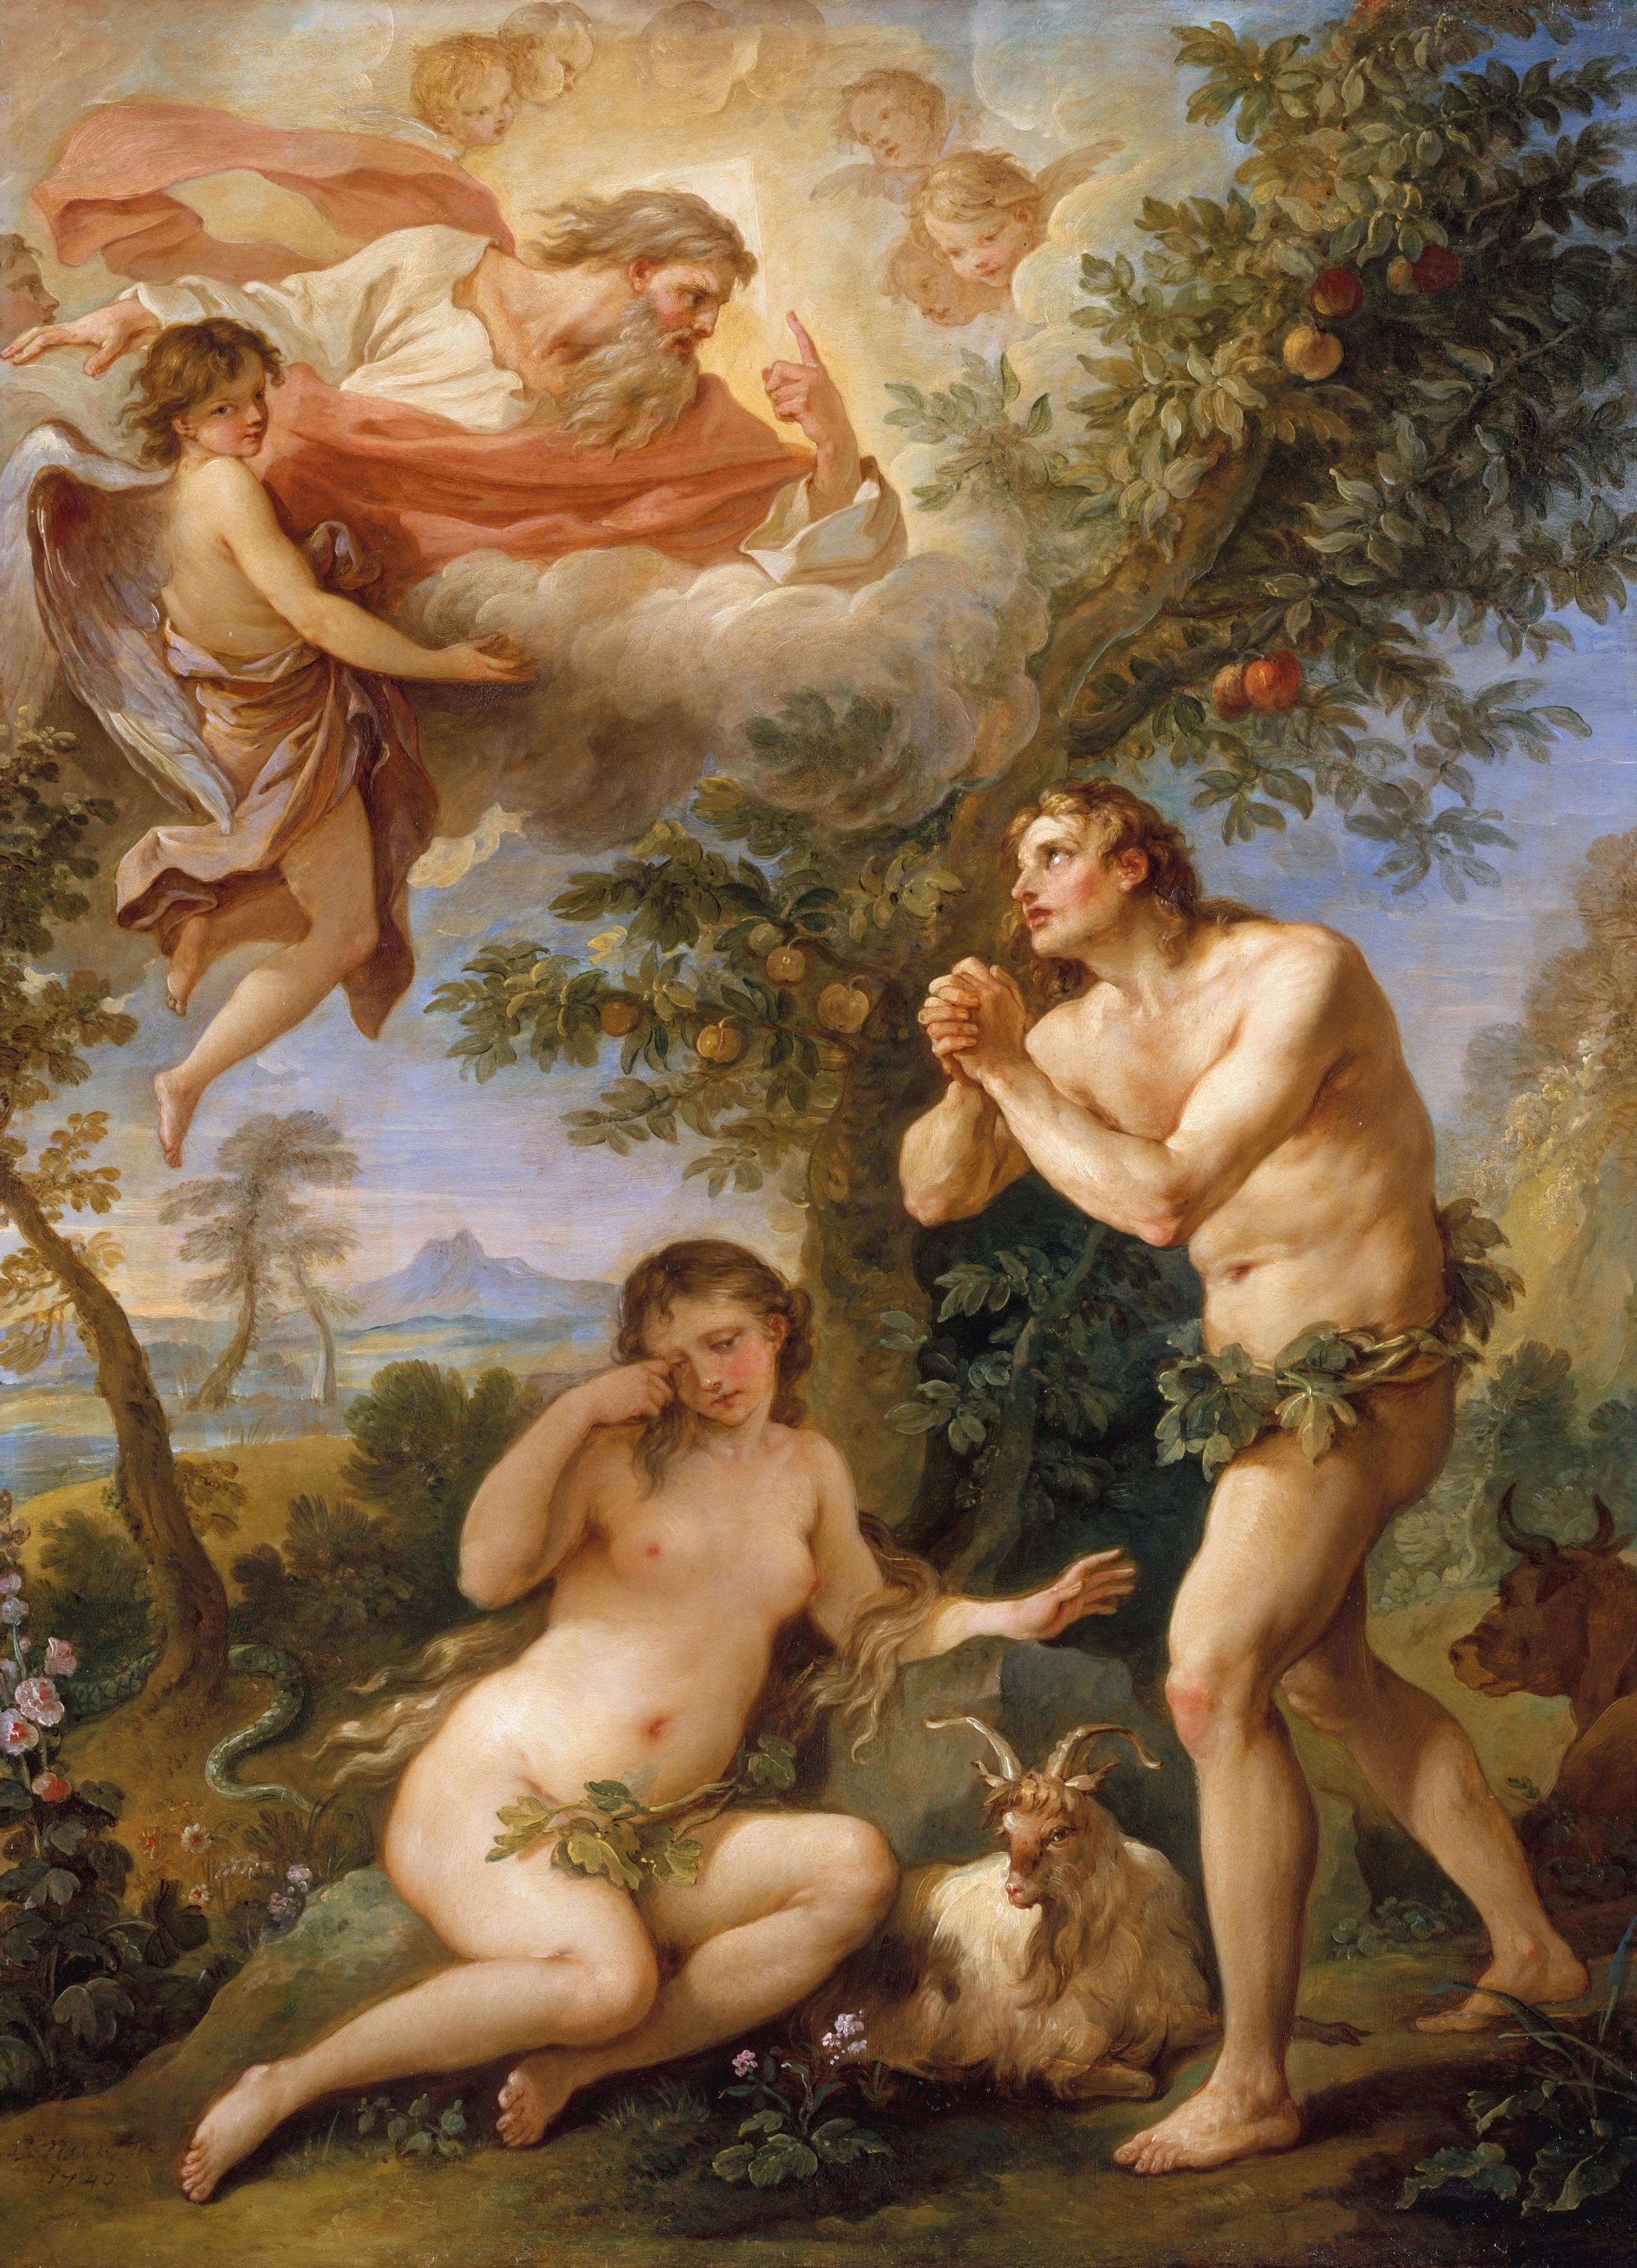 The Expulsion from Paradise, Charles Joseph Natoire, 1740